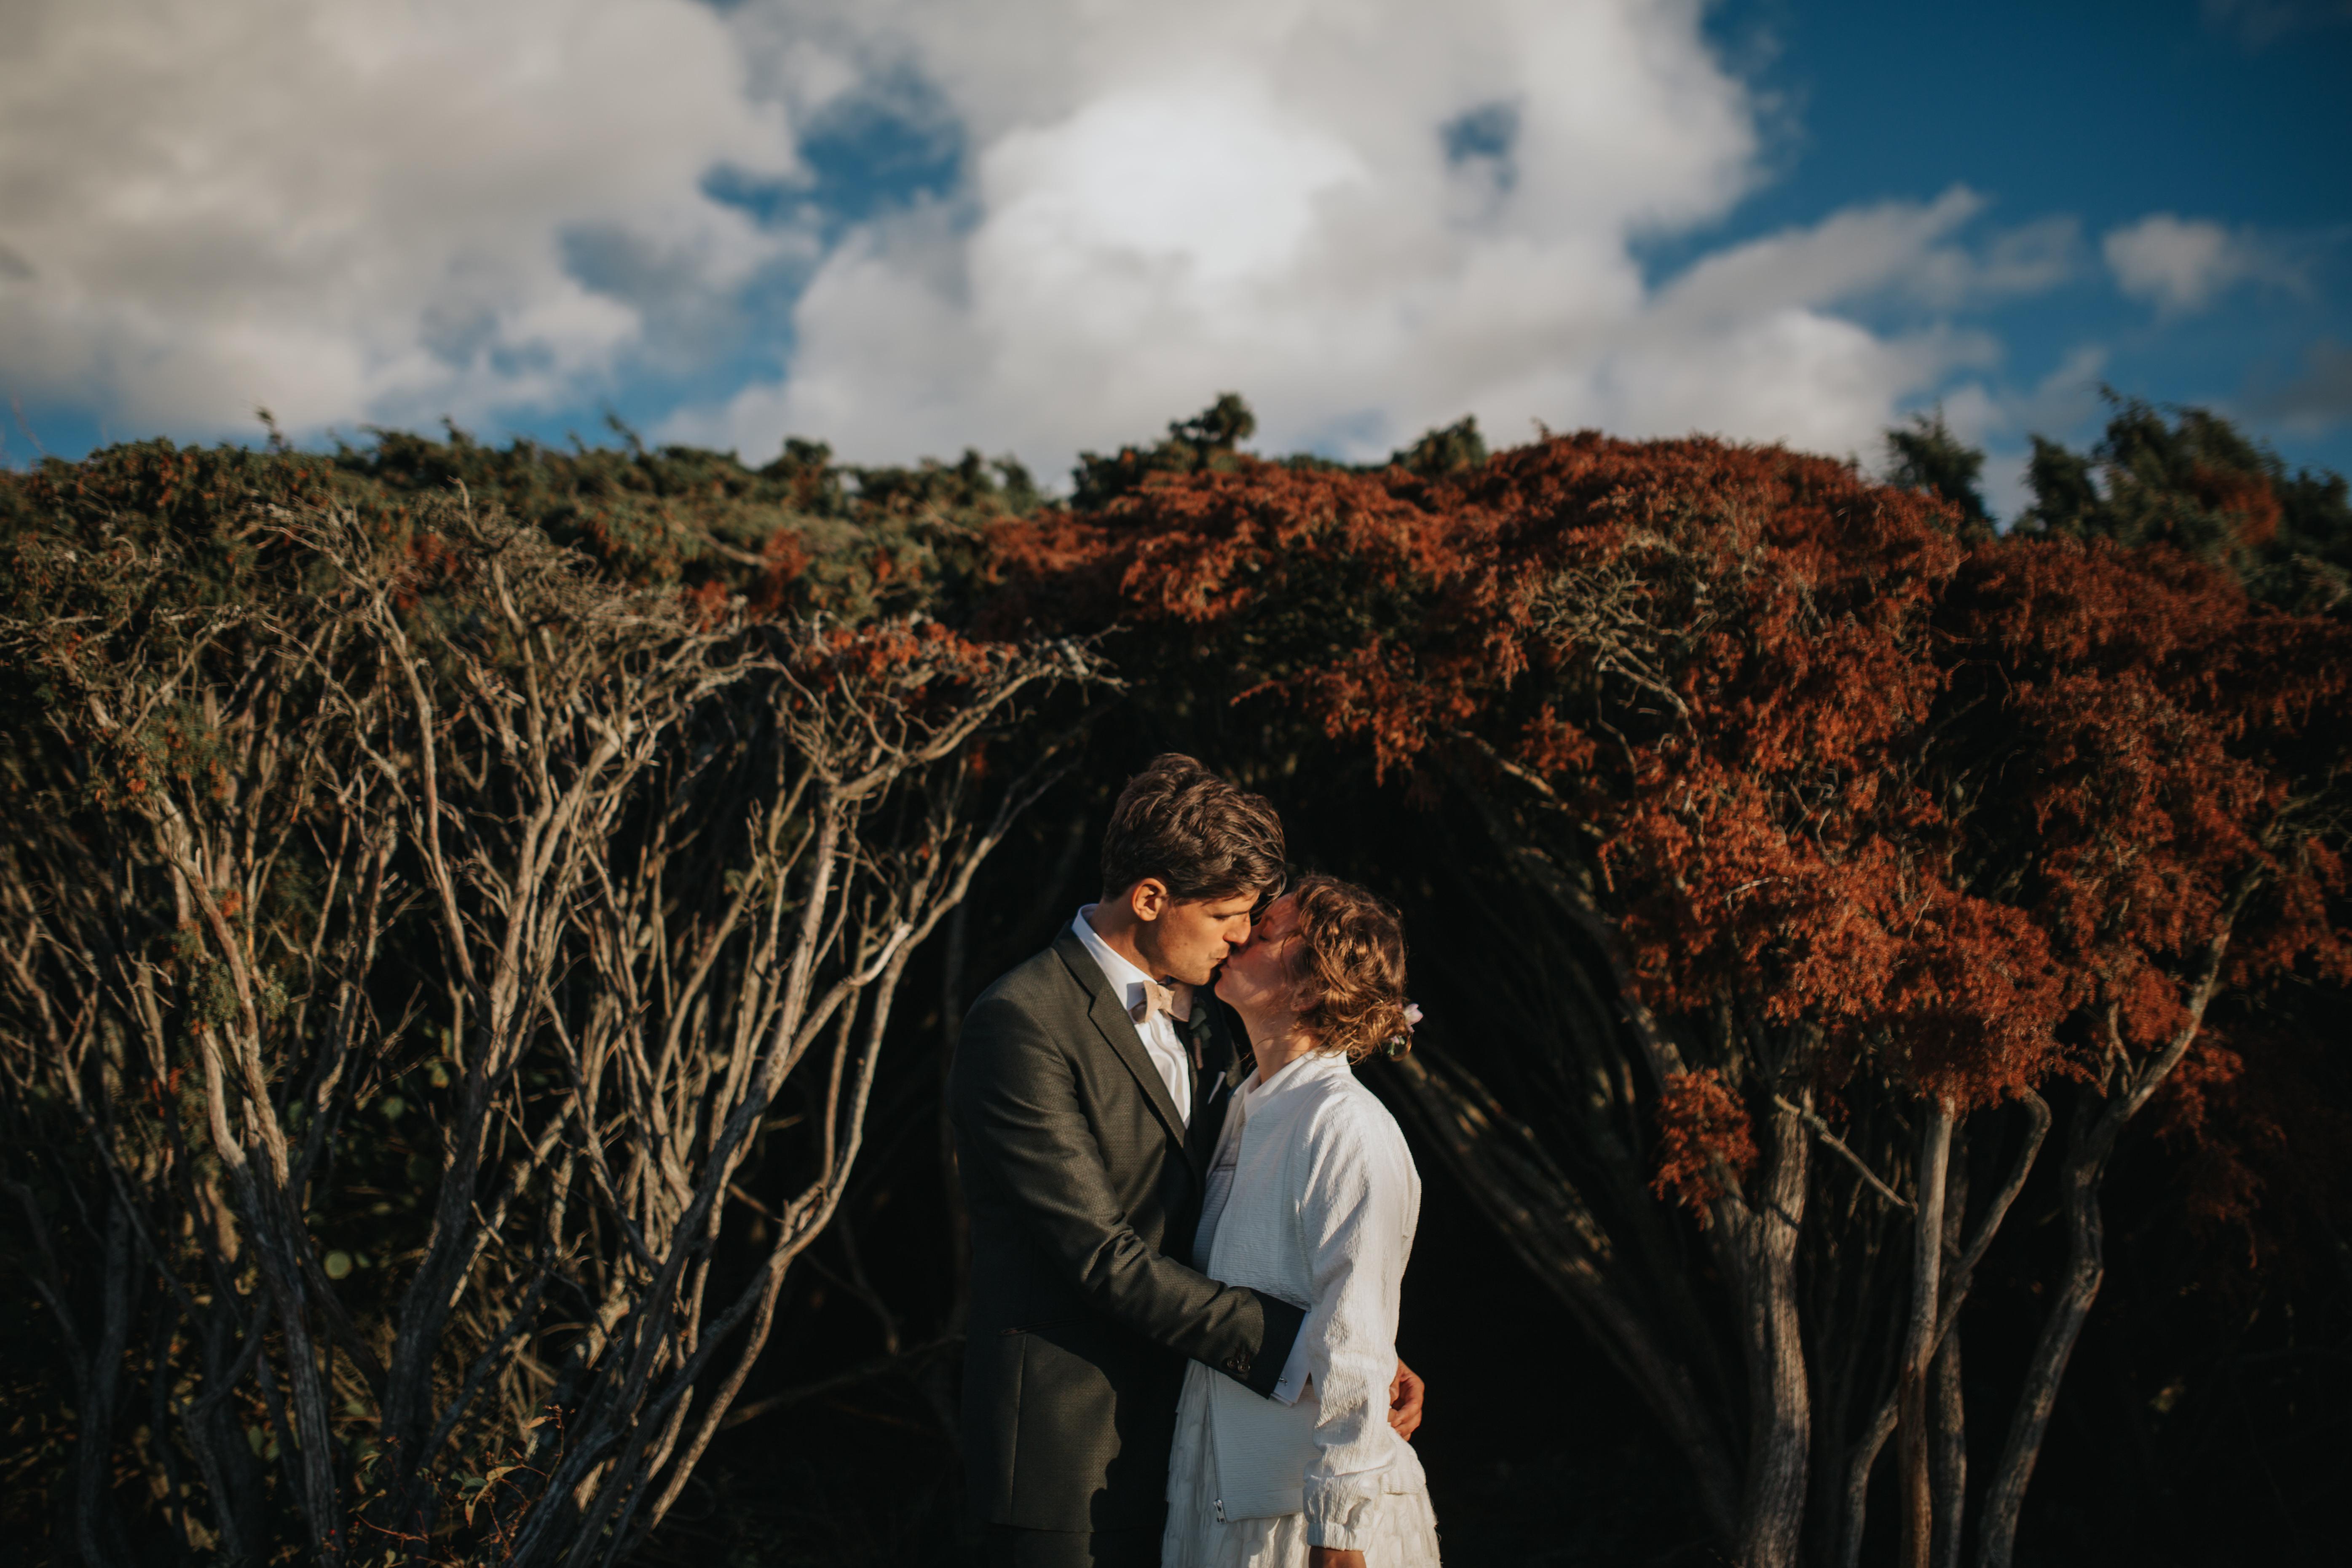 Bröllop Hovshallar skåne